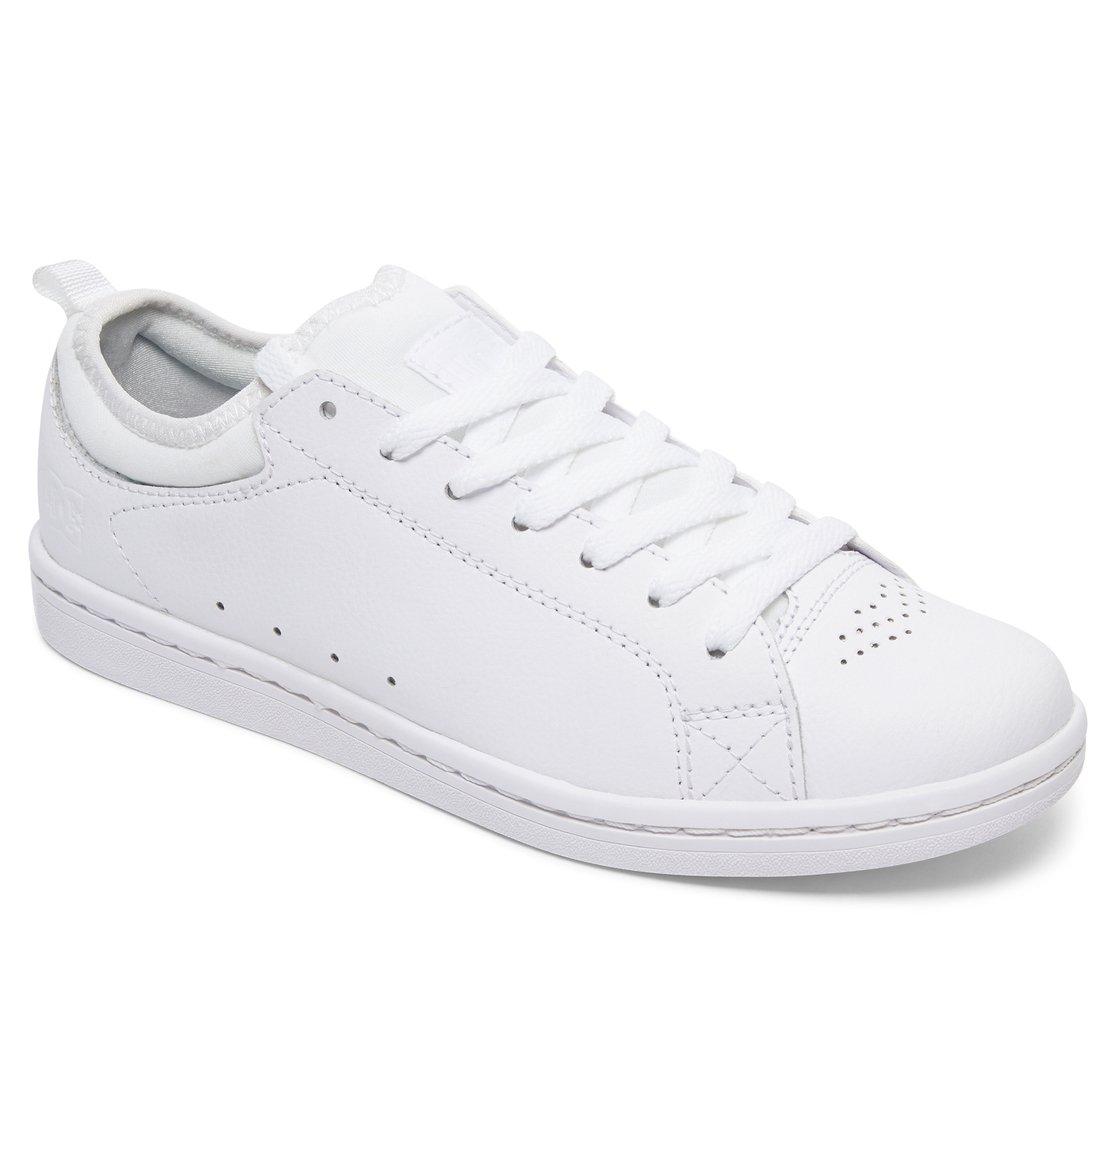 DC-Shoes-Magnolia-Chaussures-pour-Femme-ADJS100102